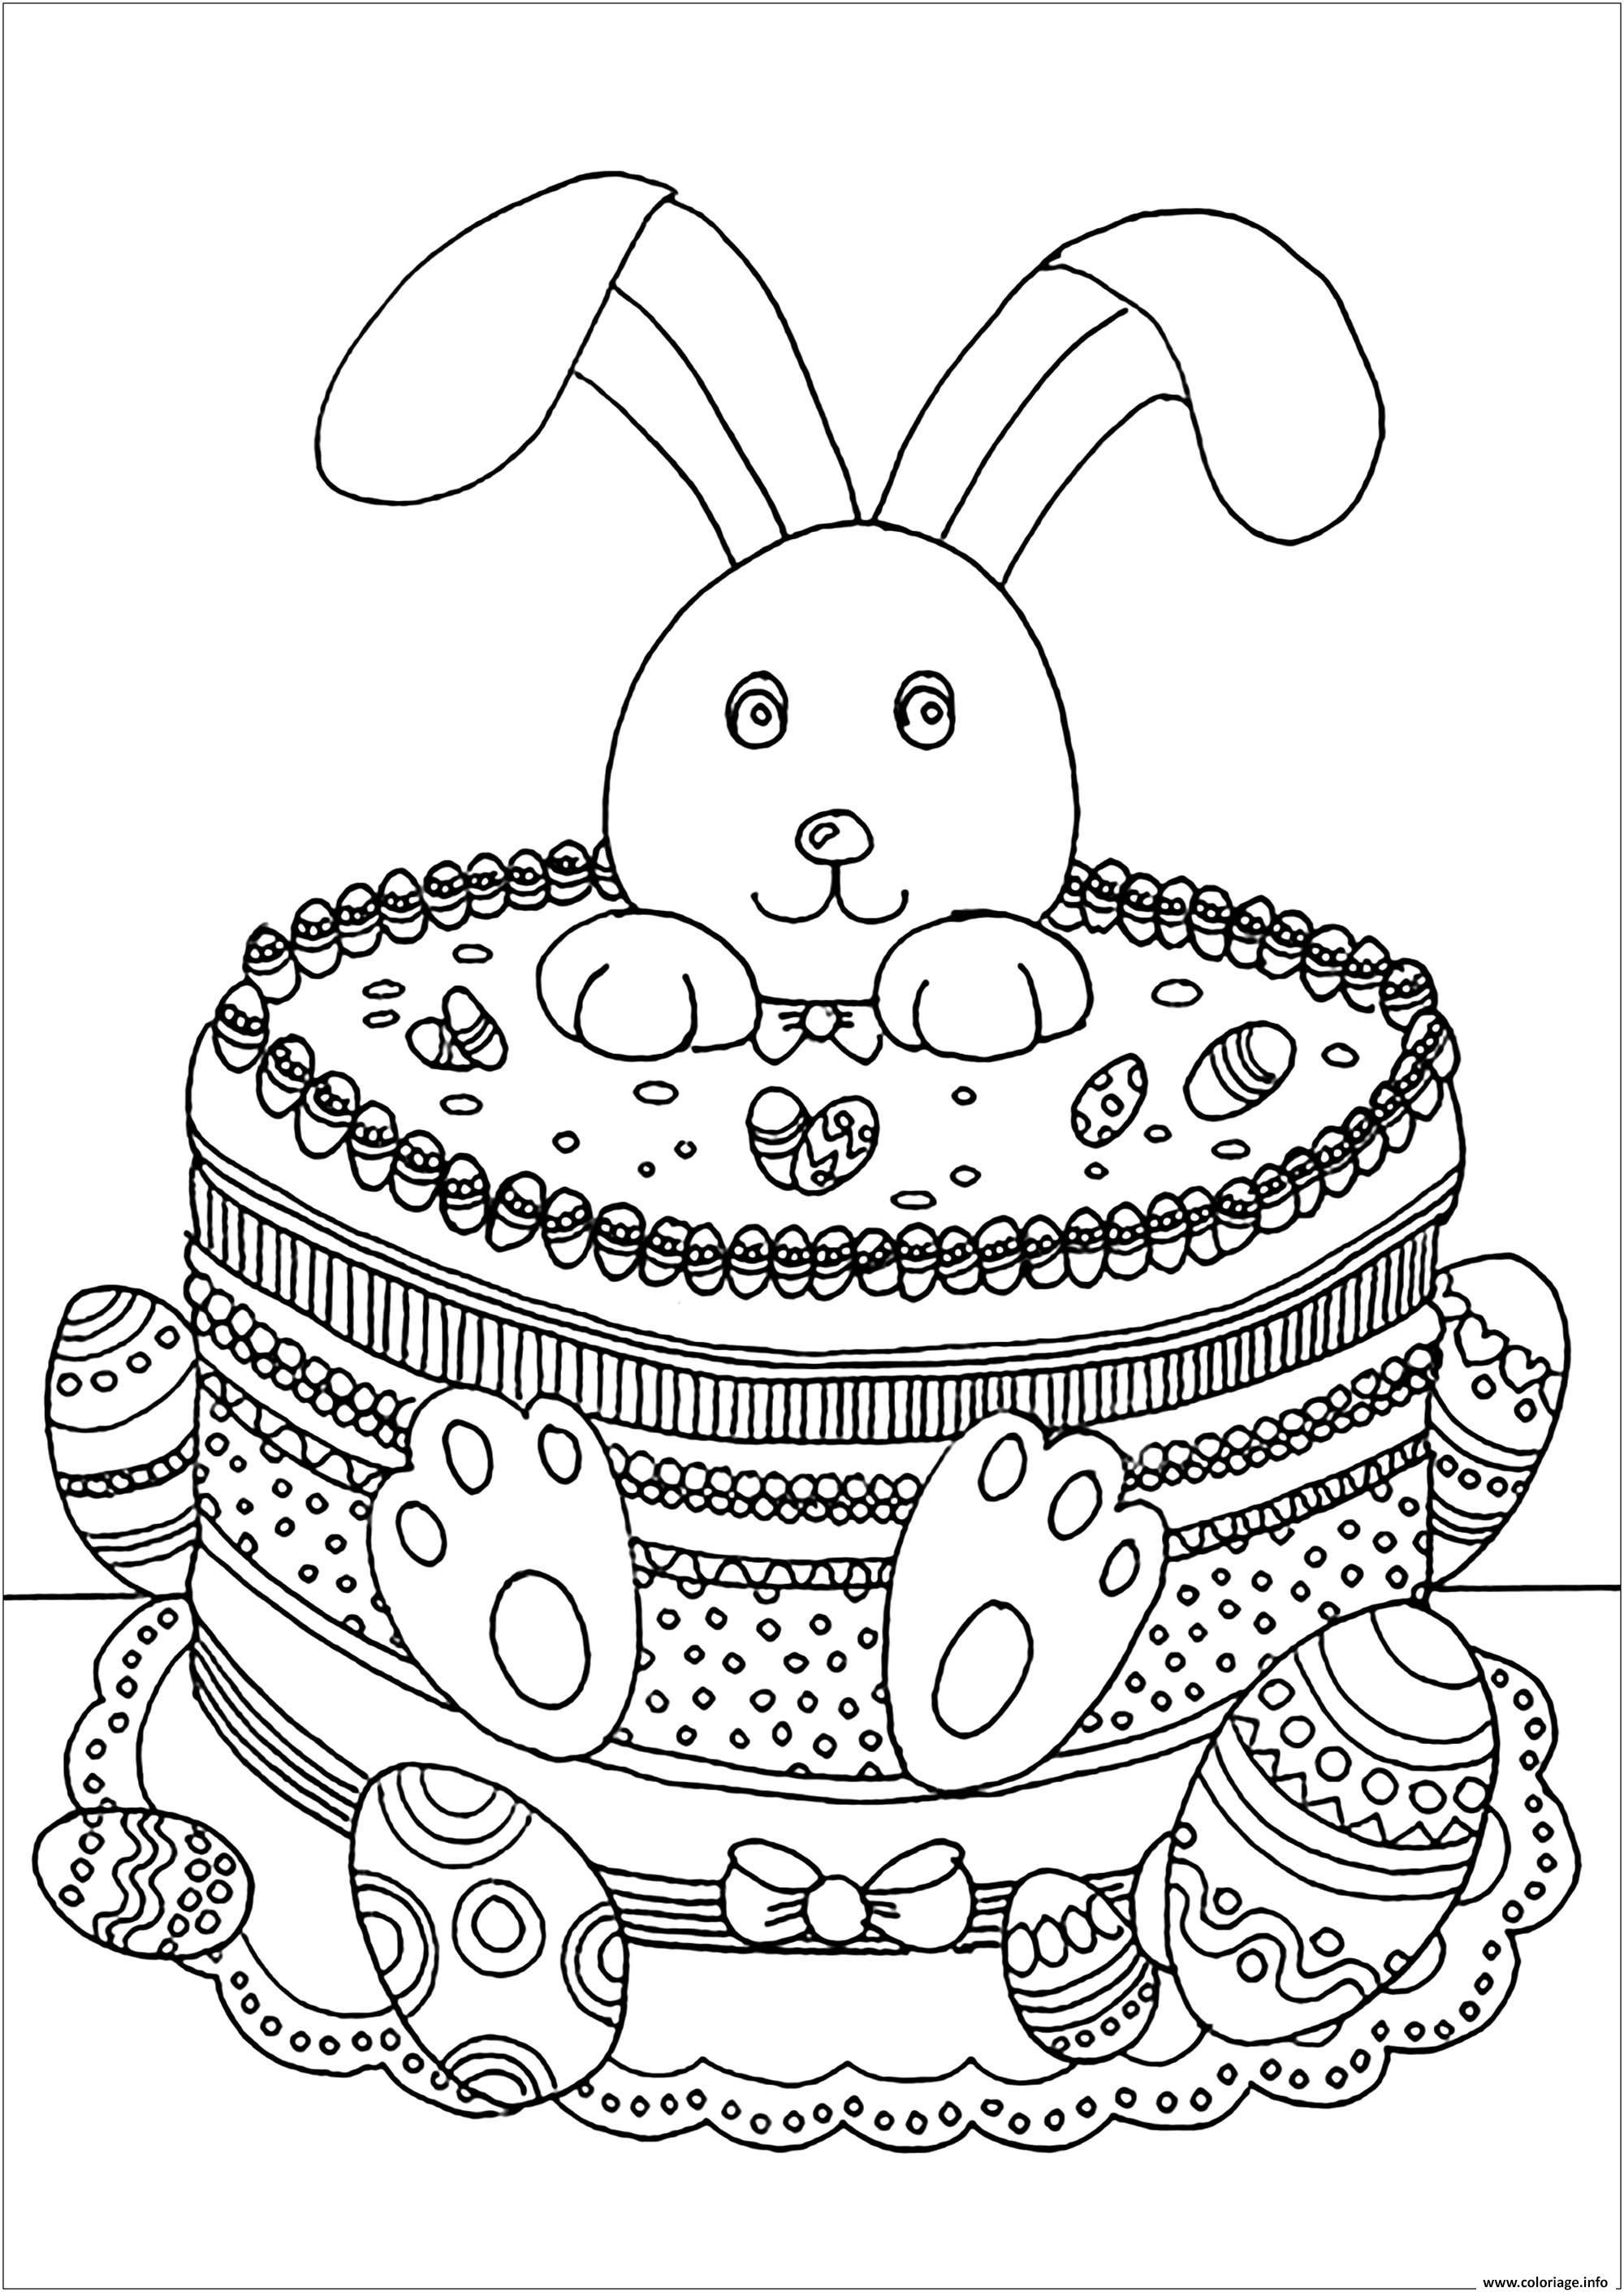 Coloriage Lapin De Paques Adulte dessin